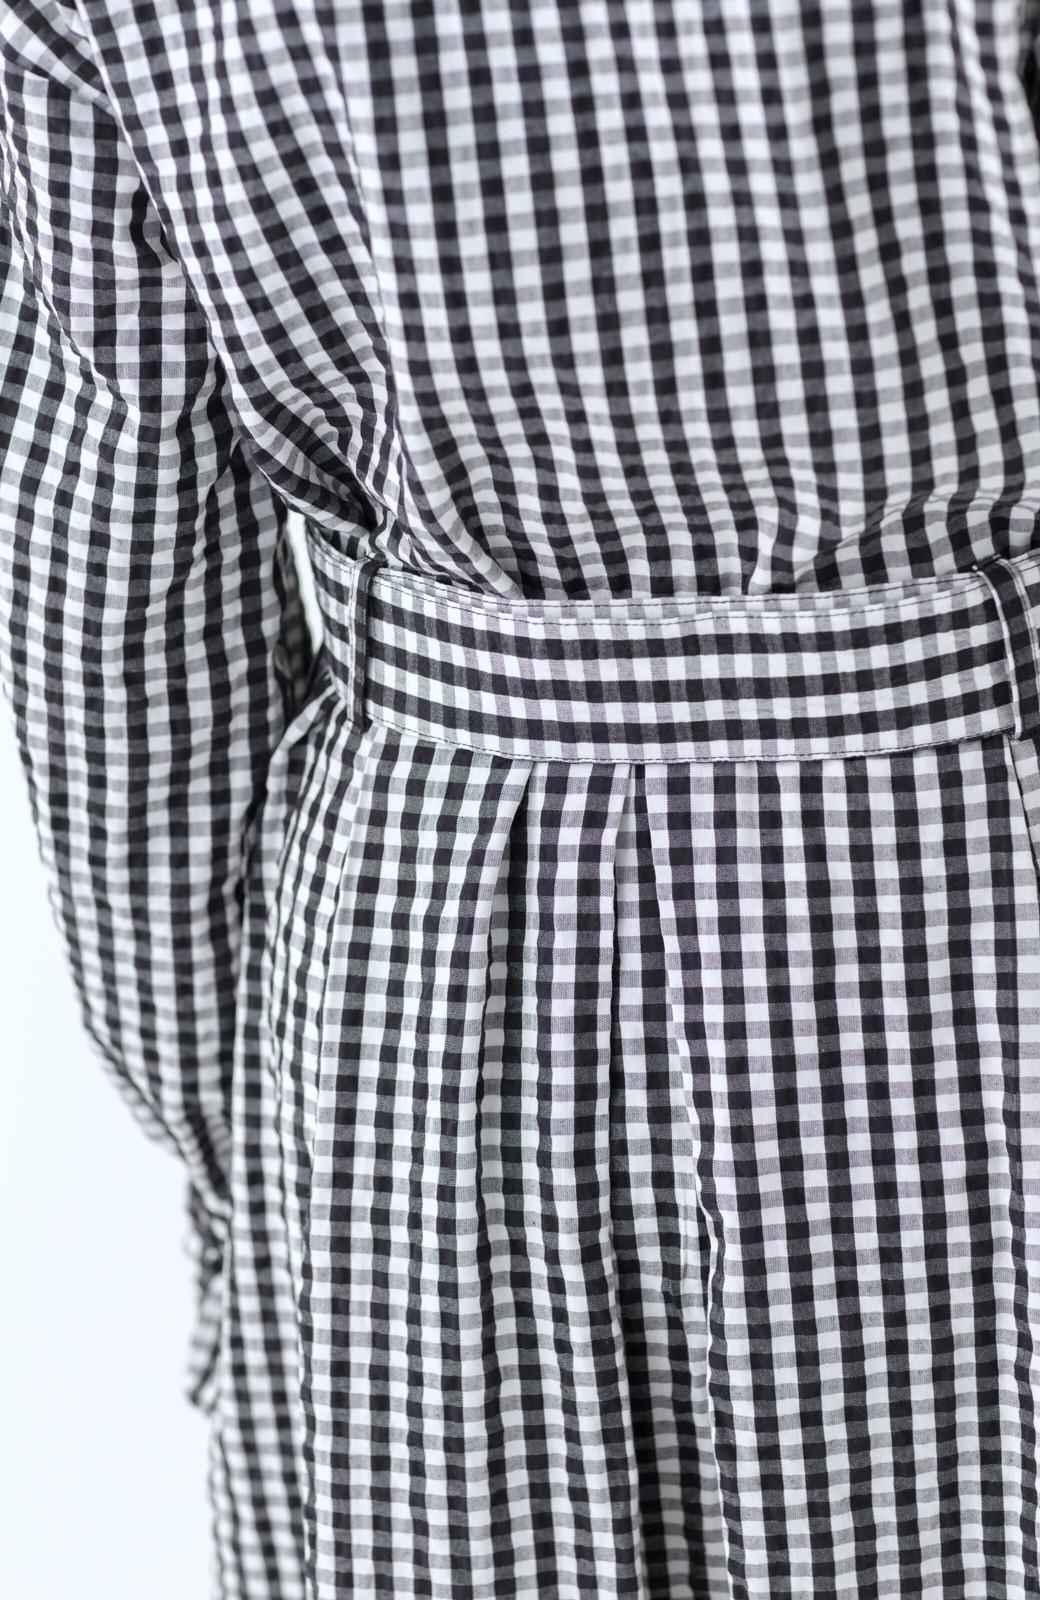 haco! いつものコーデに華やぎを添える ワンピースとしても着られるギンガムライトアウター <ブラック>の商品写真29